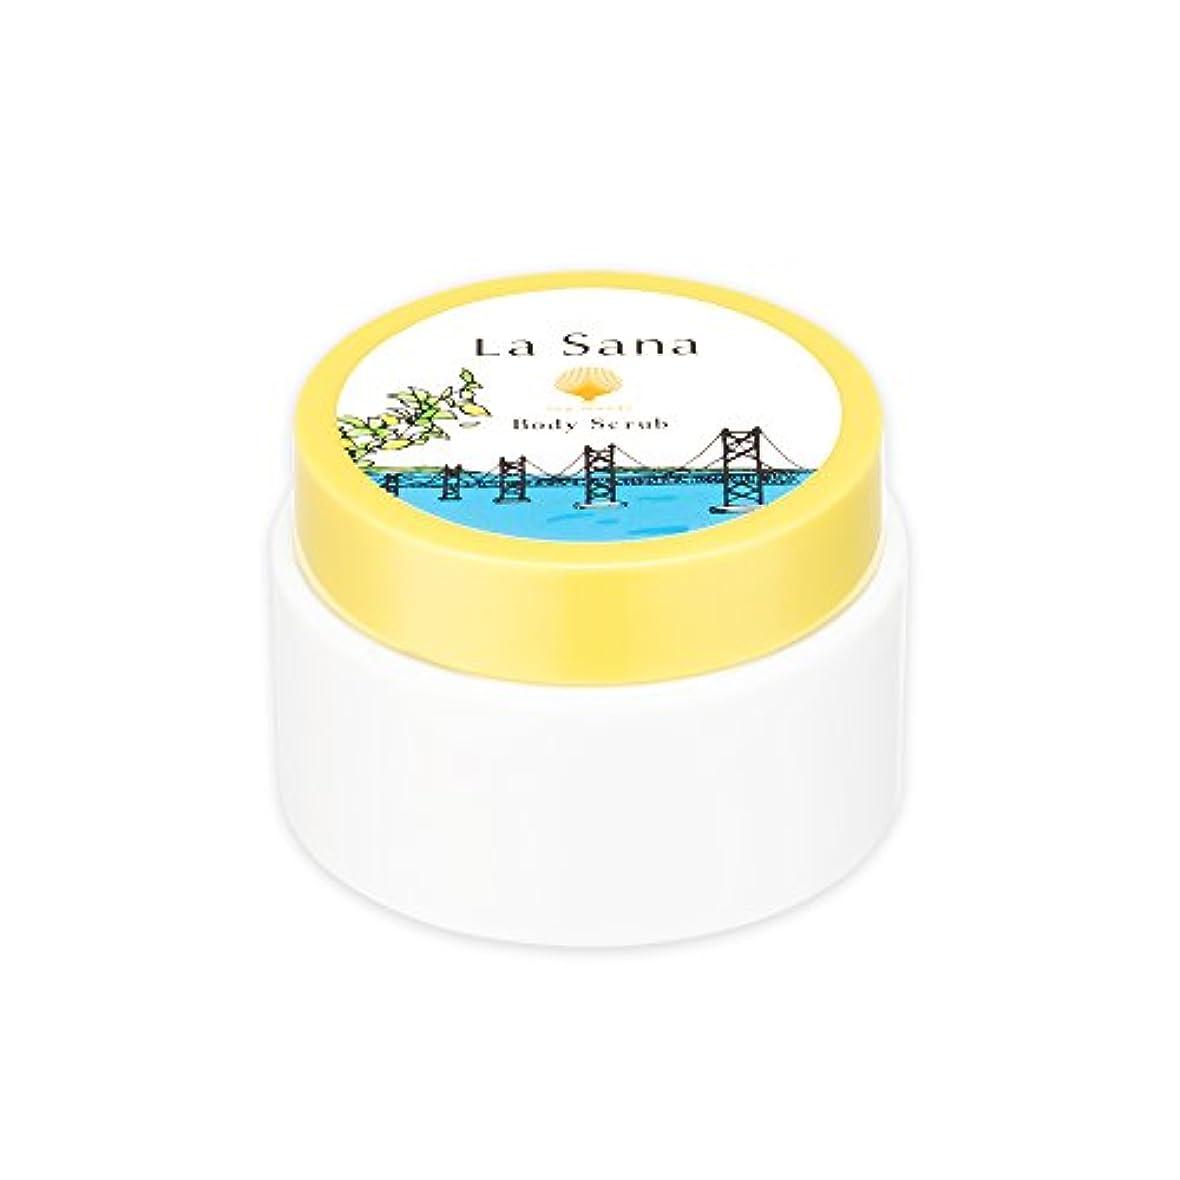 折る段階サイトラインラサーナ La sana 海藻 ボディ スクラブ 100g 限定 瀬戸内レモンの香り ボディケア 日本製 (約1ヵ月分)